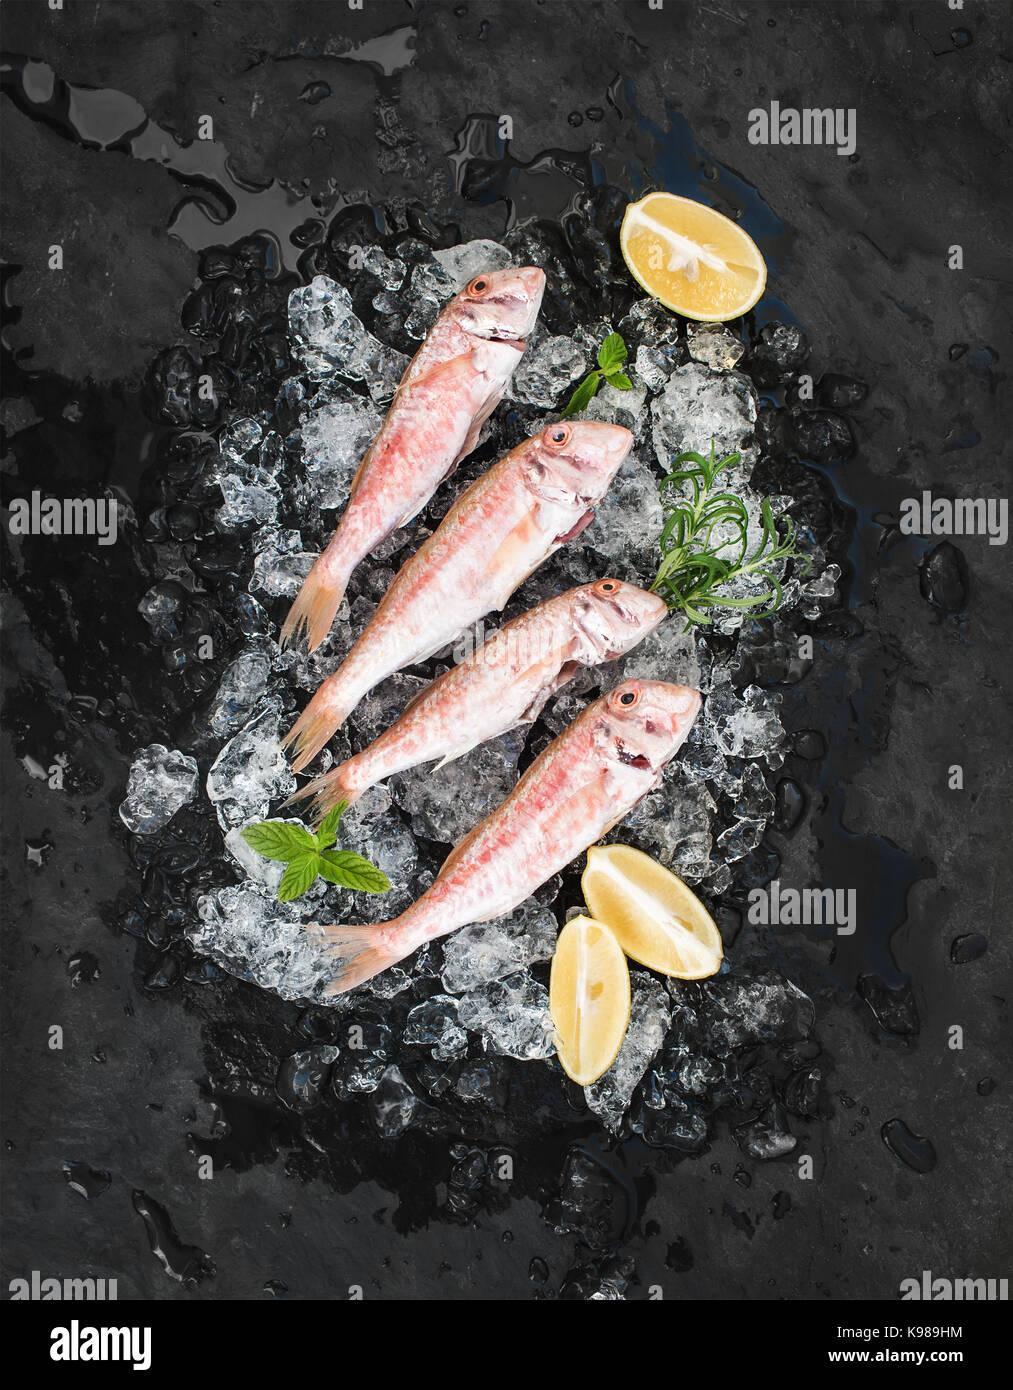 Rohe Rote Meerbarbe Fisch mit Zitrone, Minze und Rosmarin auf abgeplatzte Eis über dunklen Stein Hintergrund Stockbild